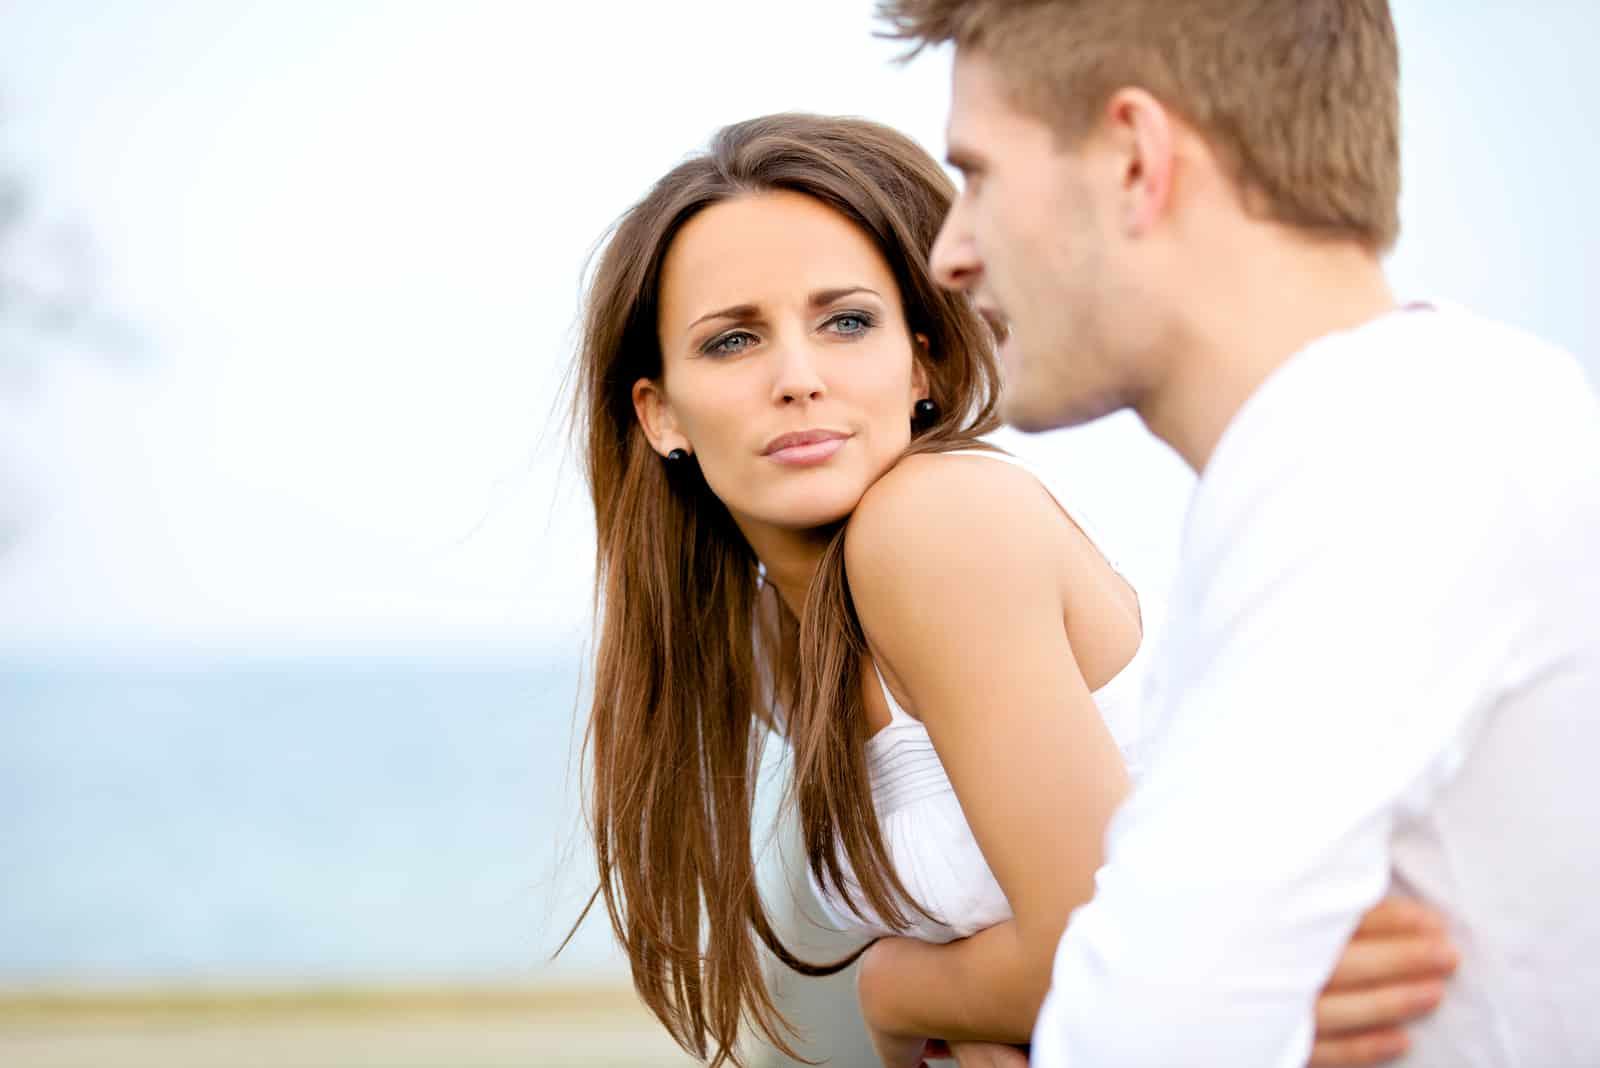 la femme écoute l'homme pendant qu'il parle